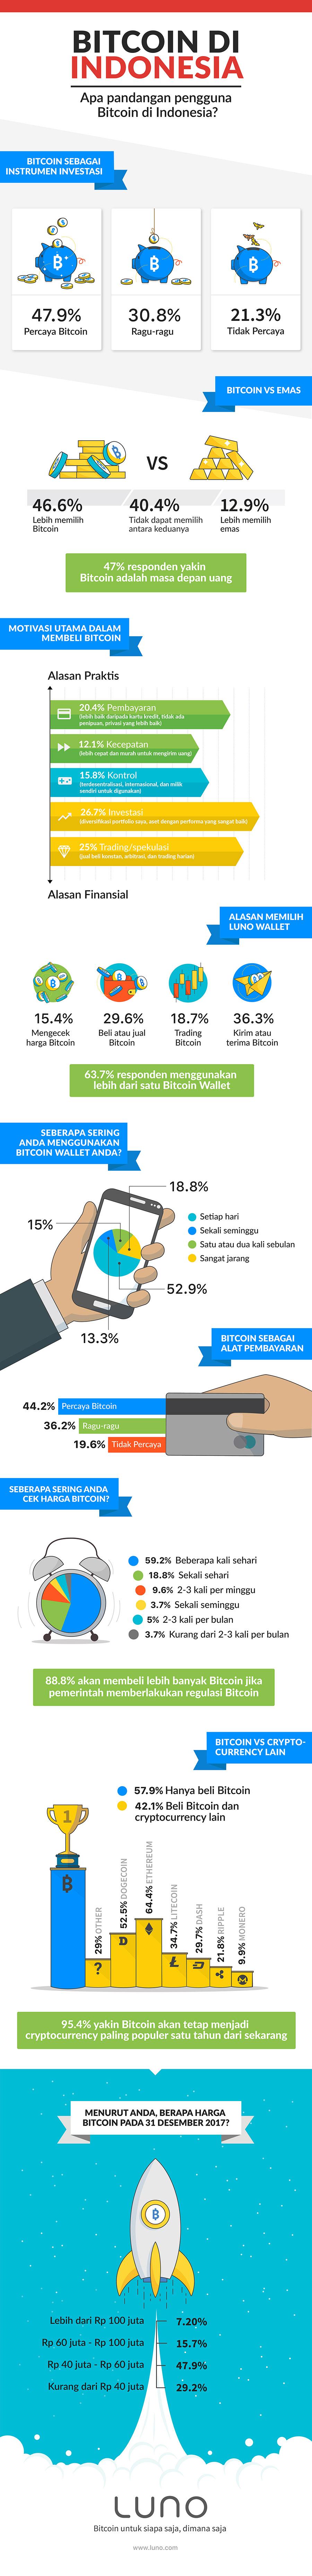 Penggunaan-Bitcoin-di-Indonesia